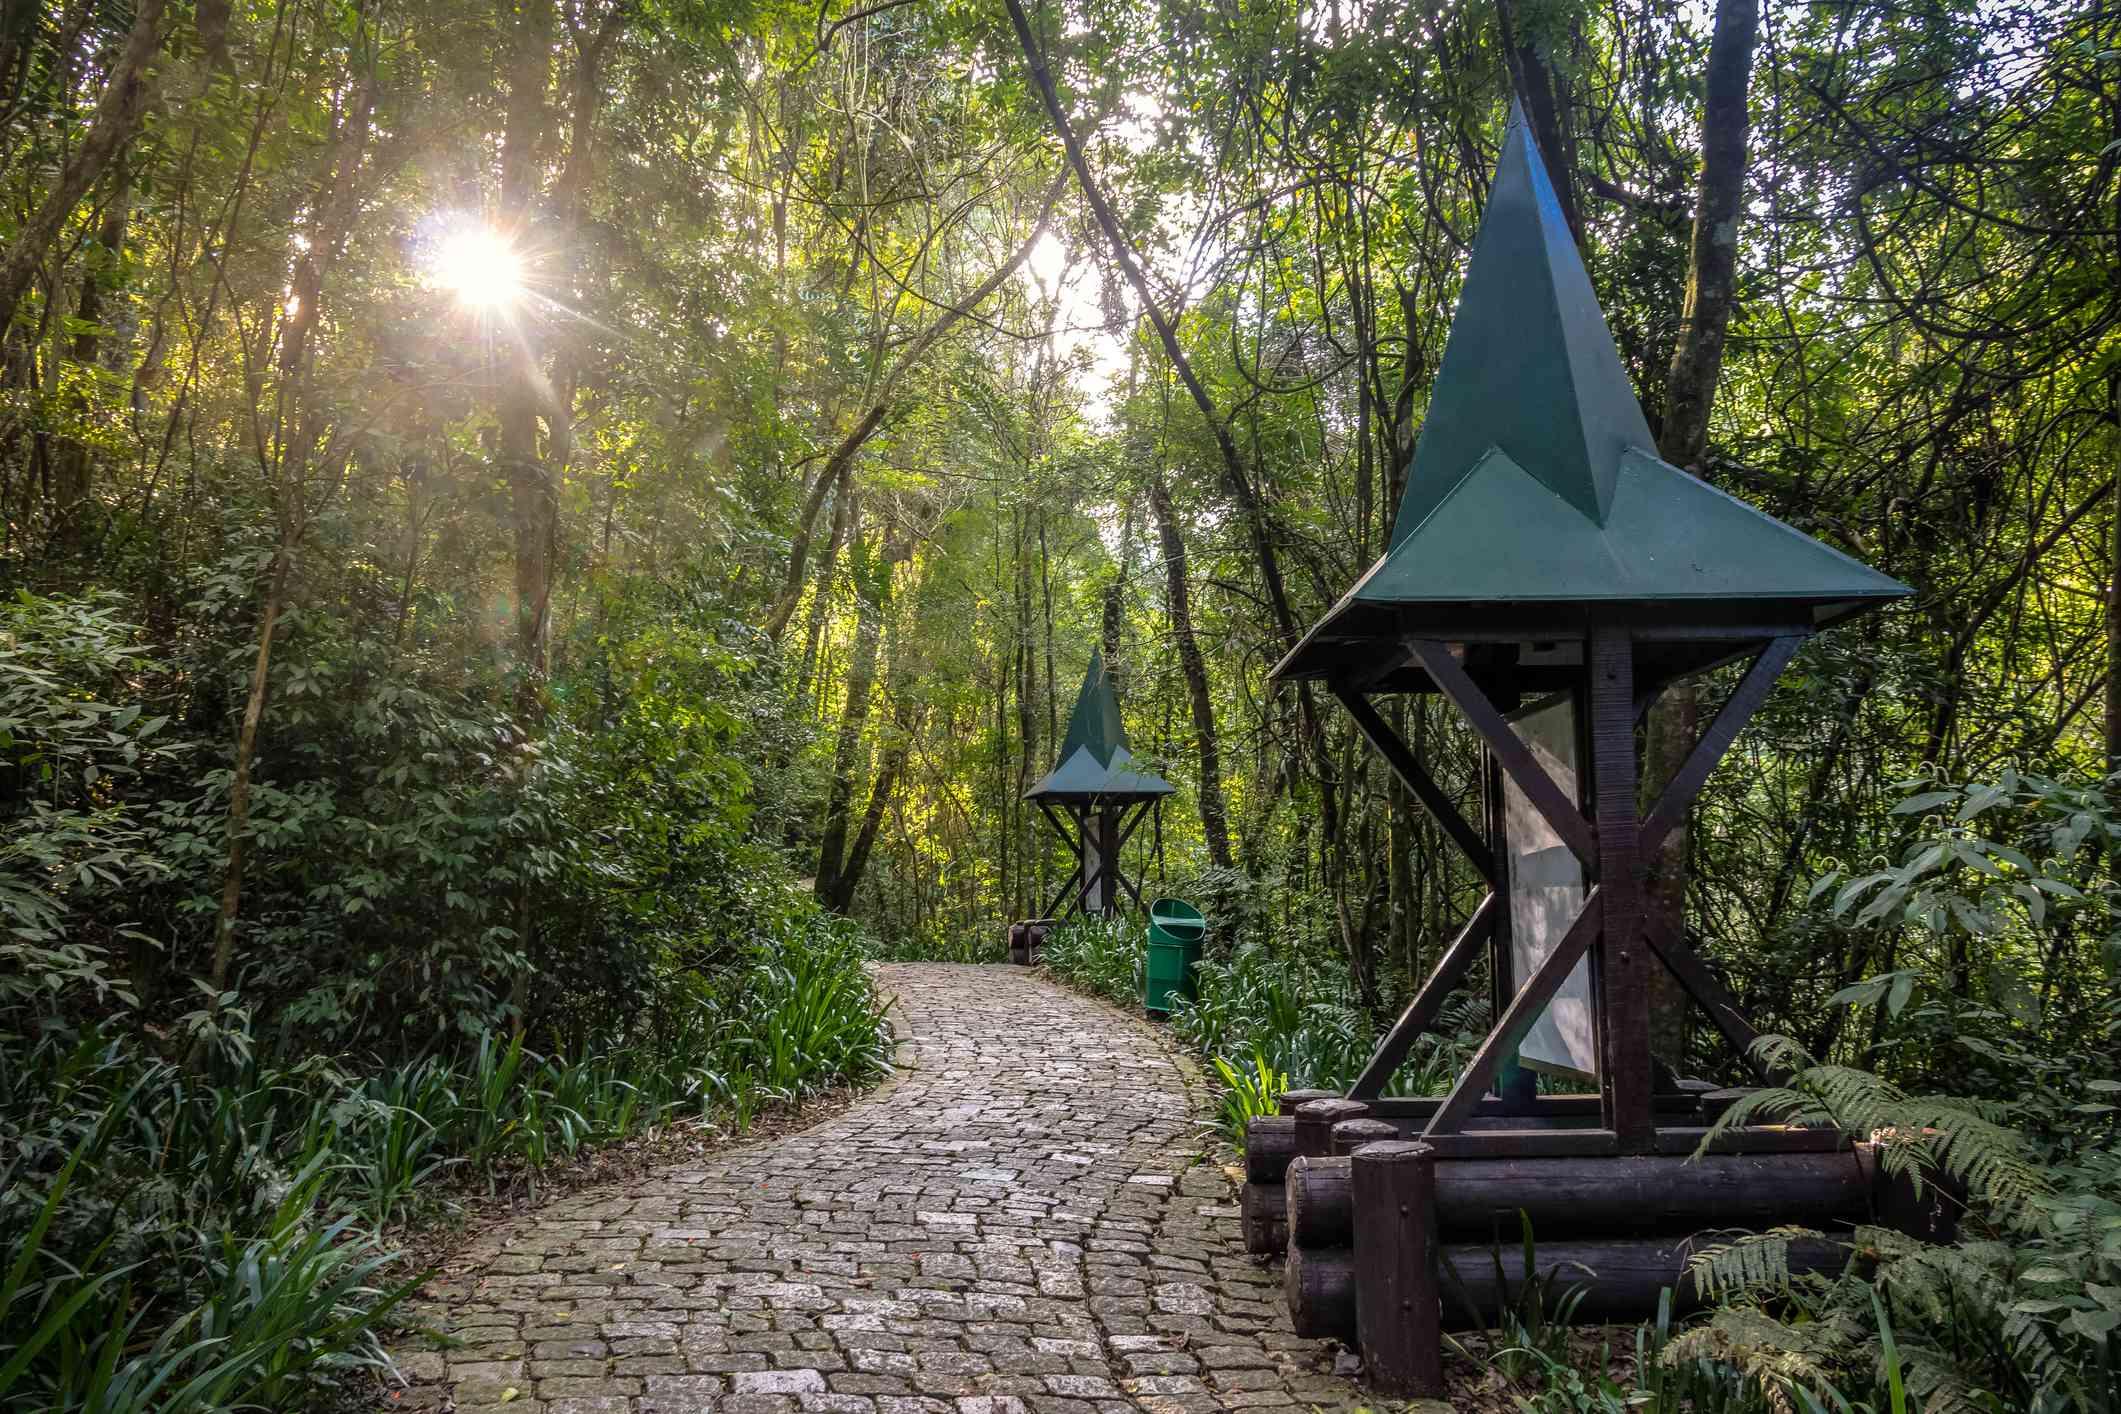 Sendero Hensel y Gretel (Trilha Joao e Maria) del Bosque Alemao (Parque Forestal Alemán) - Curitiba, Paraná, Brasil